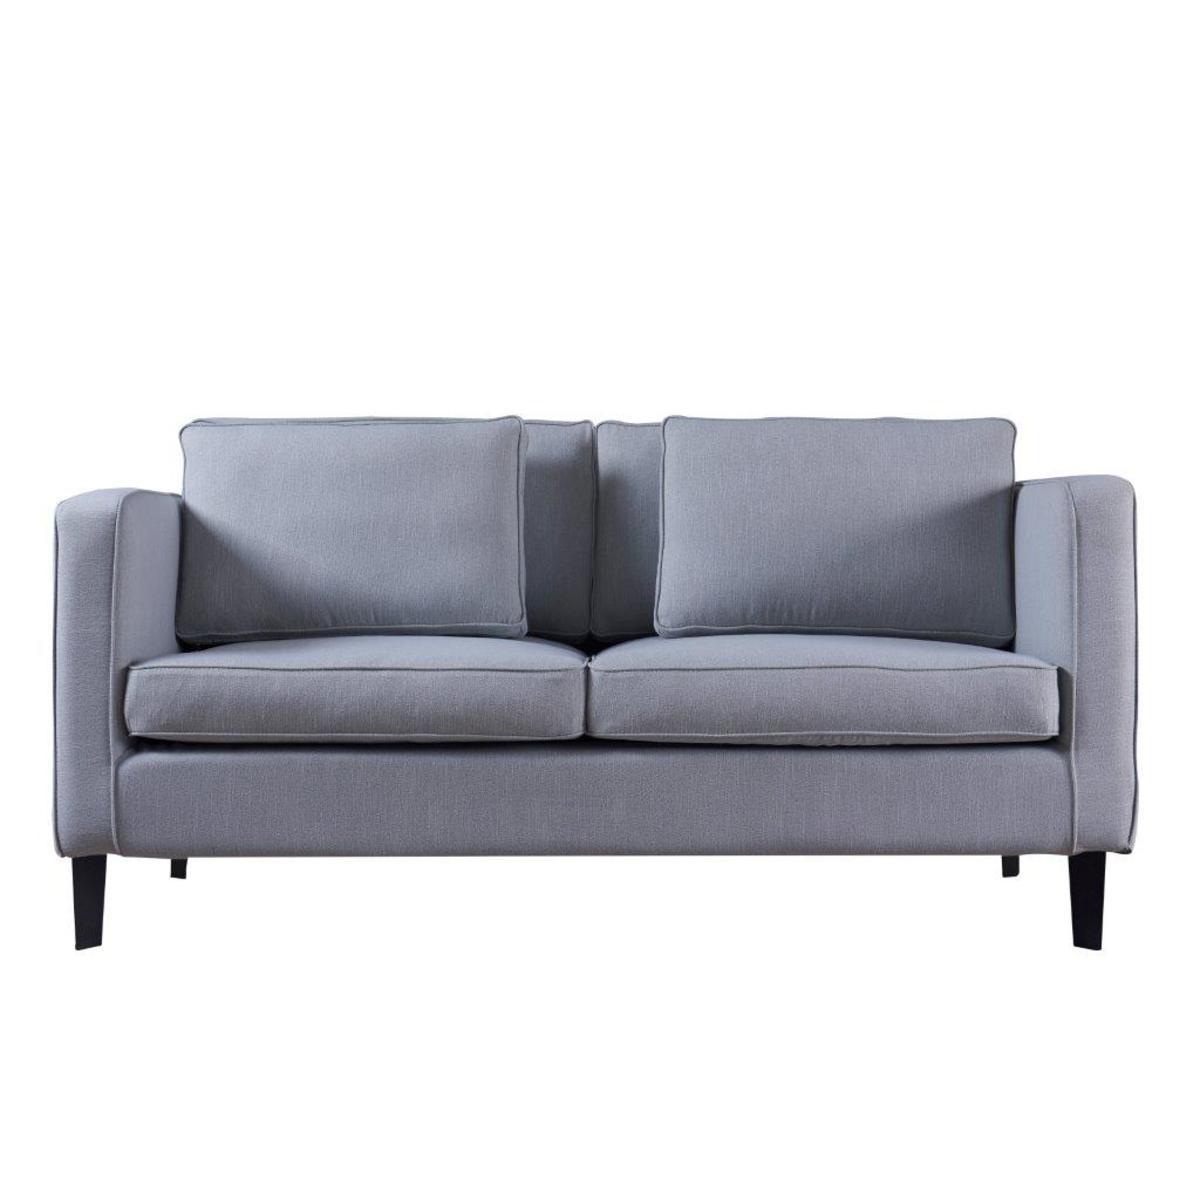 65寸雙座位布藝沙發(灰色)